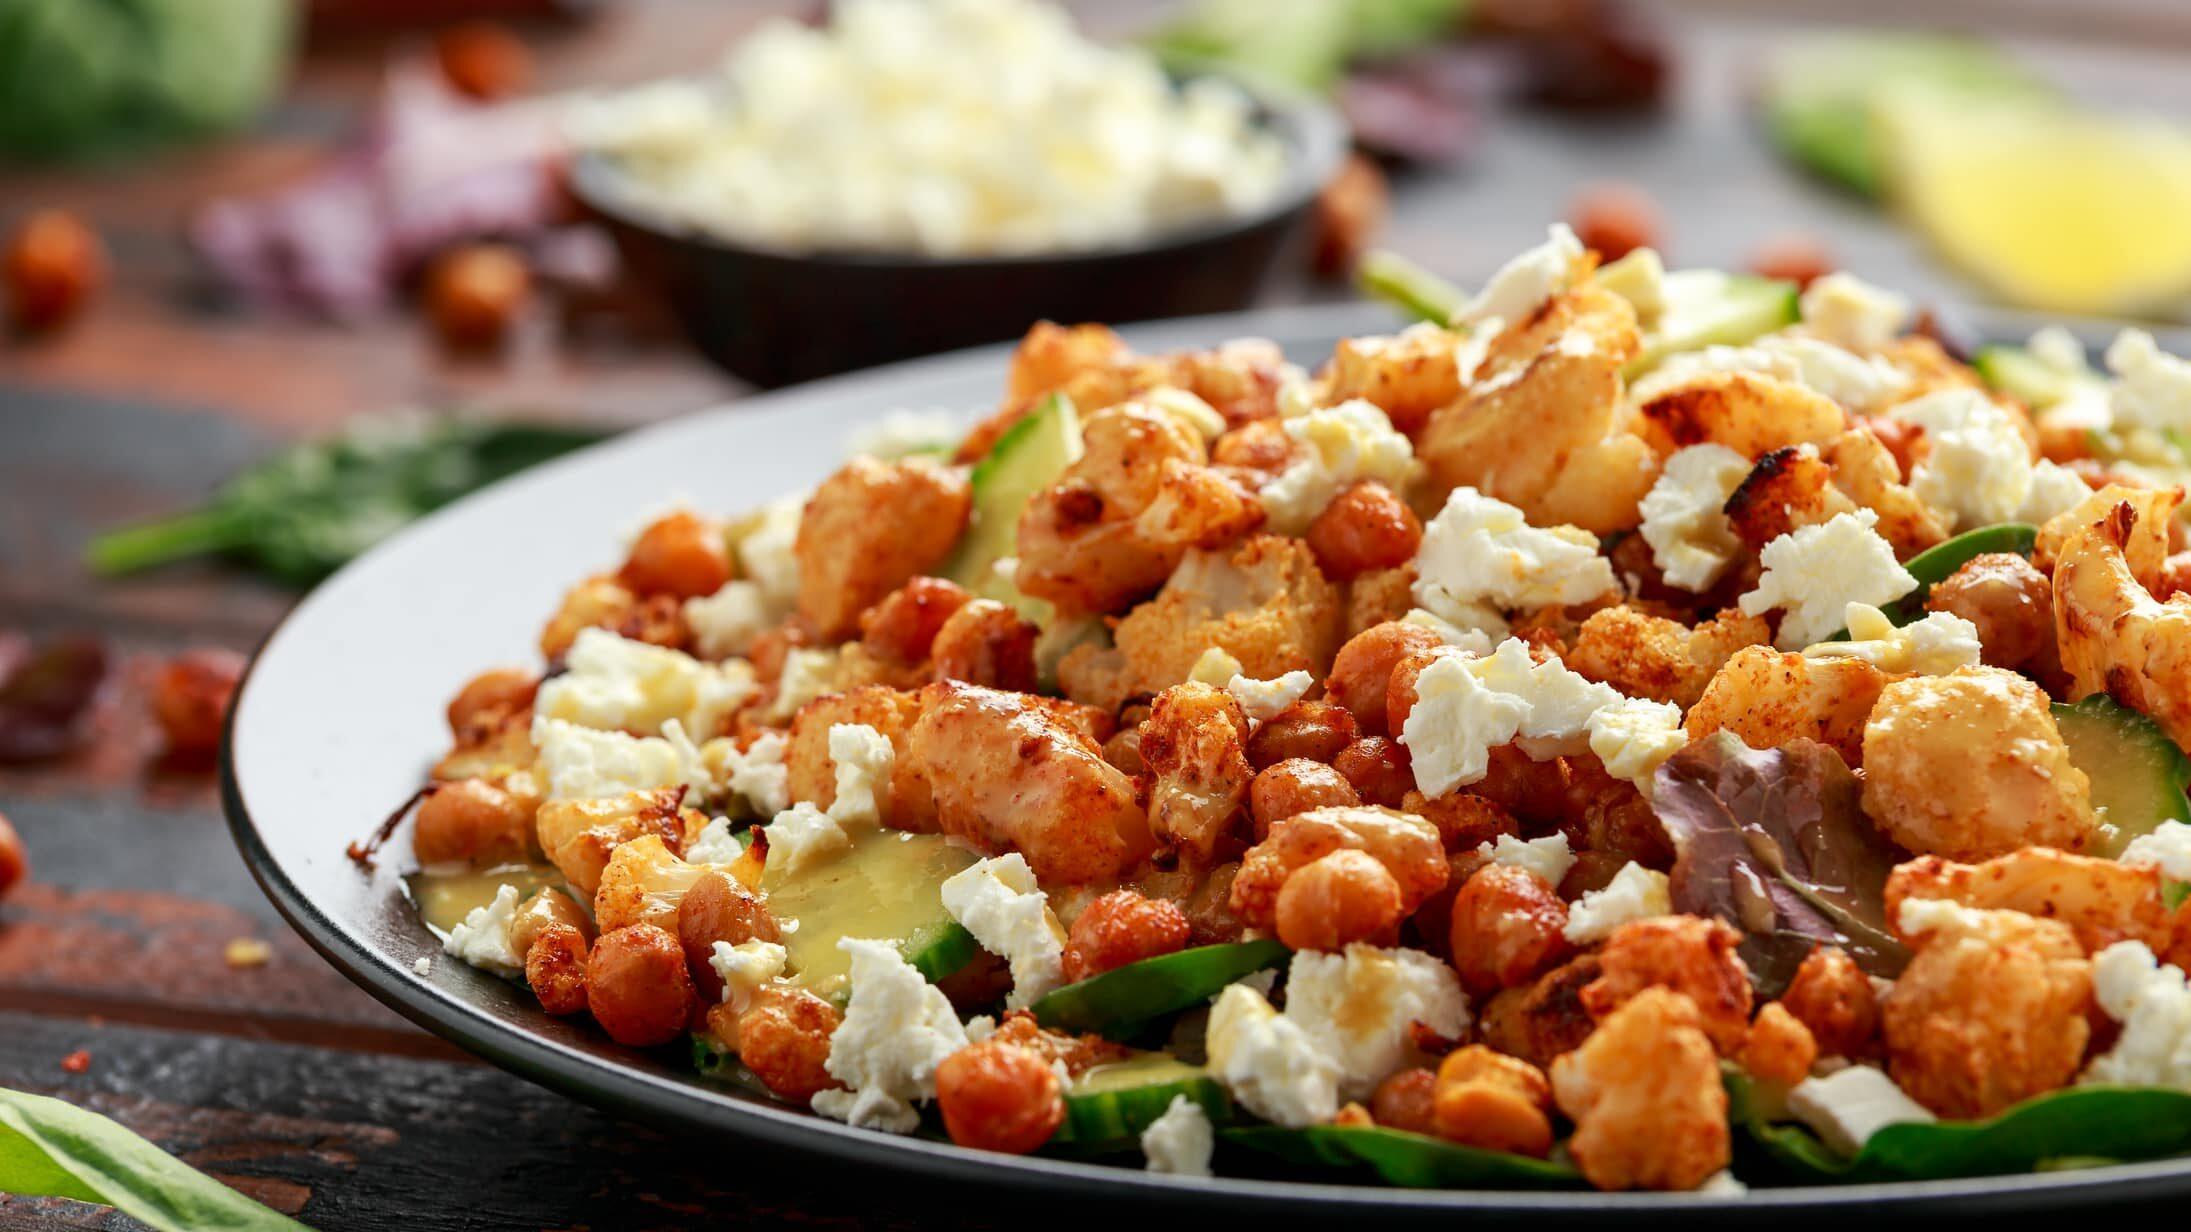 Salat mit geröstetem Blumenkohl, Gurke und Kichererbsen auf dunkler Platte, darüber Feta gebröselt